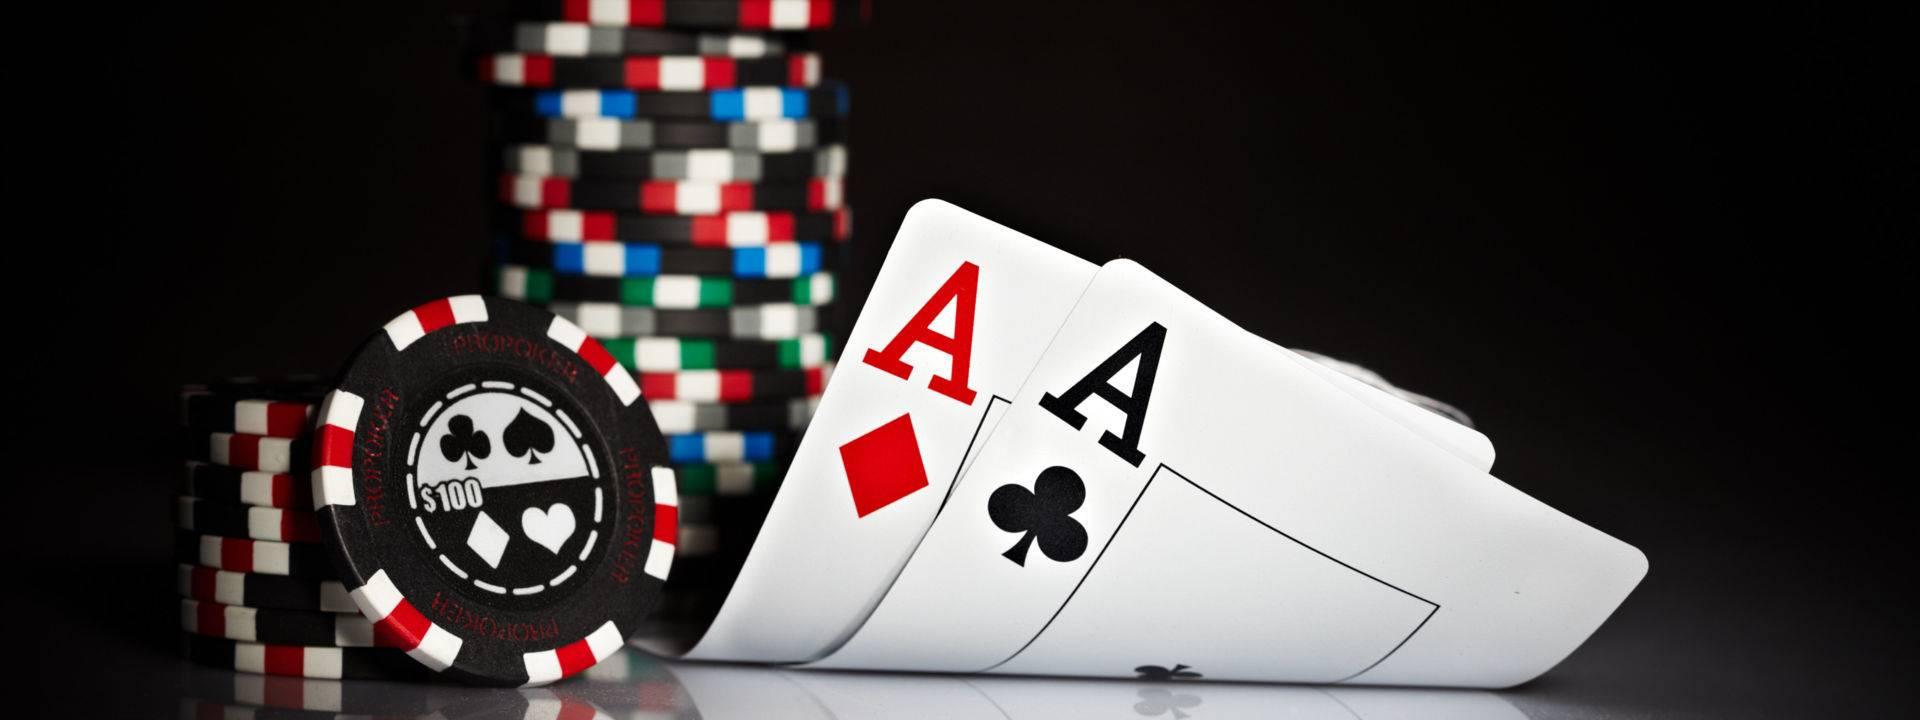 Tournoi de poker casino gerardmer fauteuil a roulette pas cher